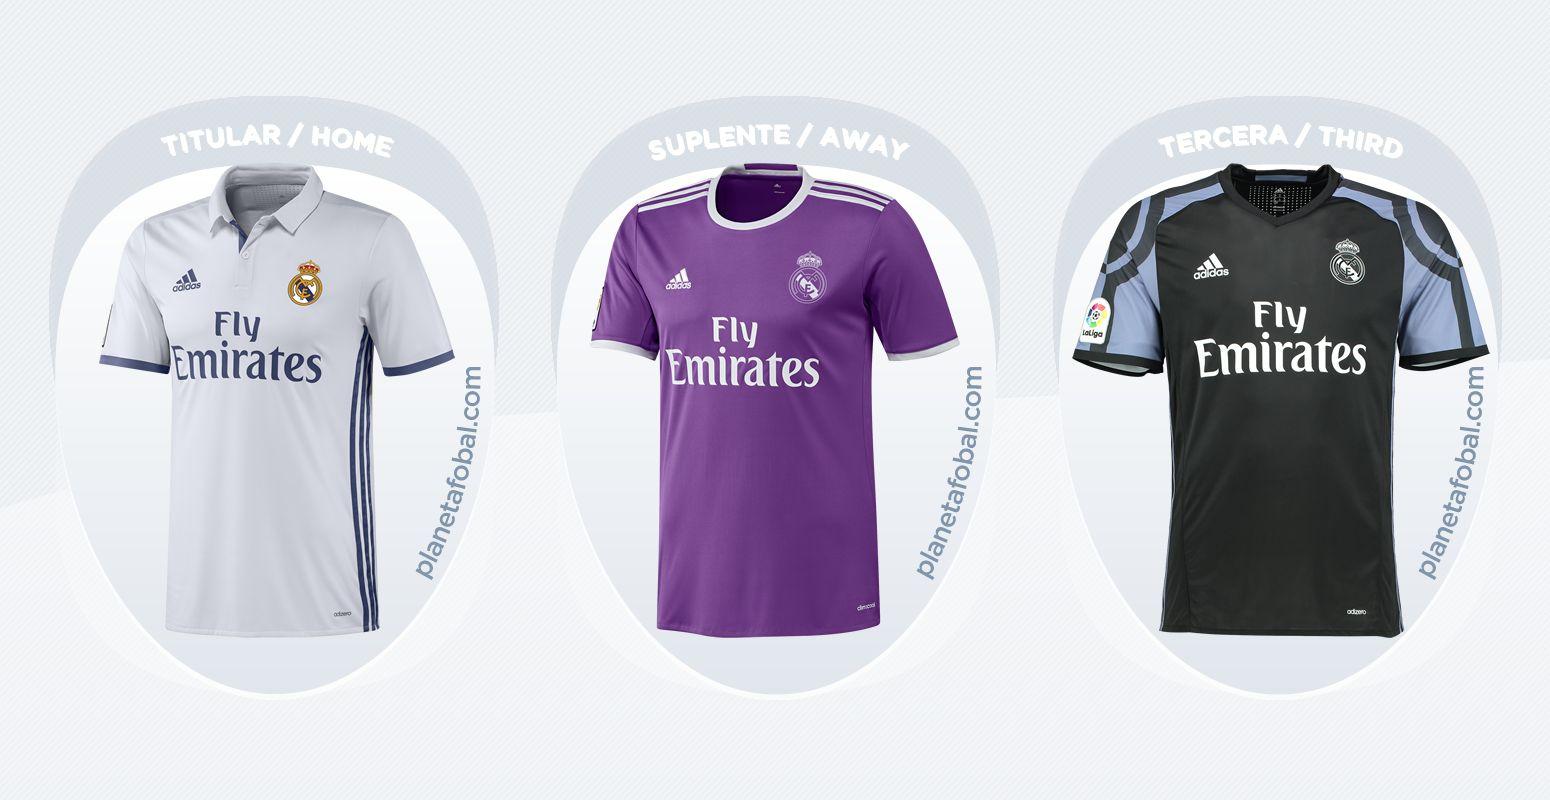 Camisetas del Real Madrid de España (Adidas)